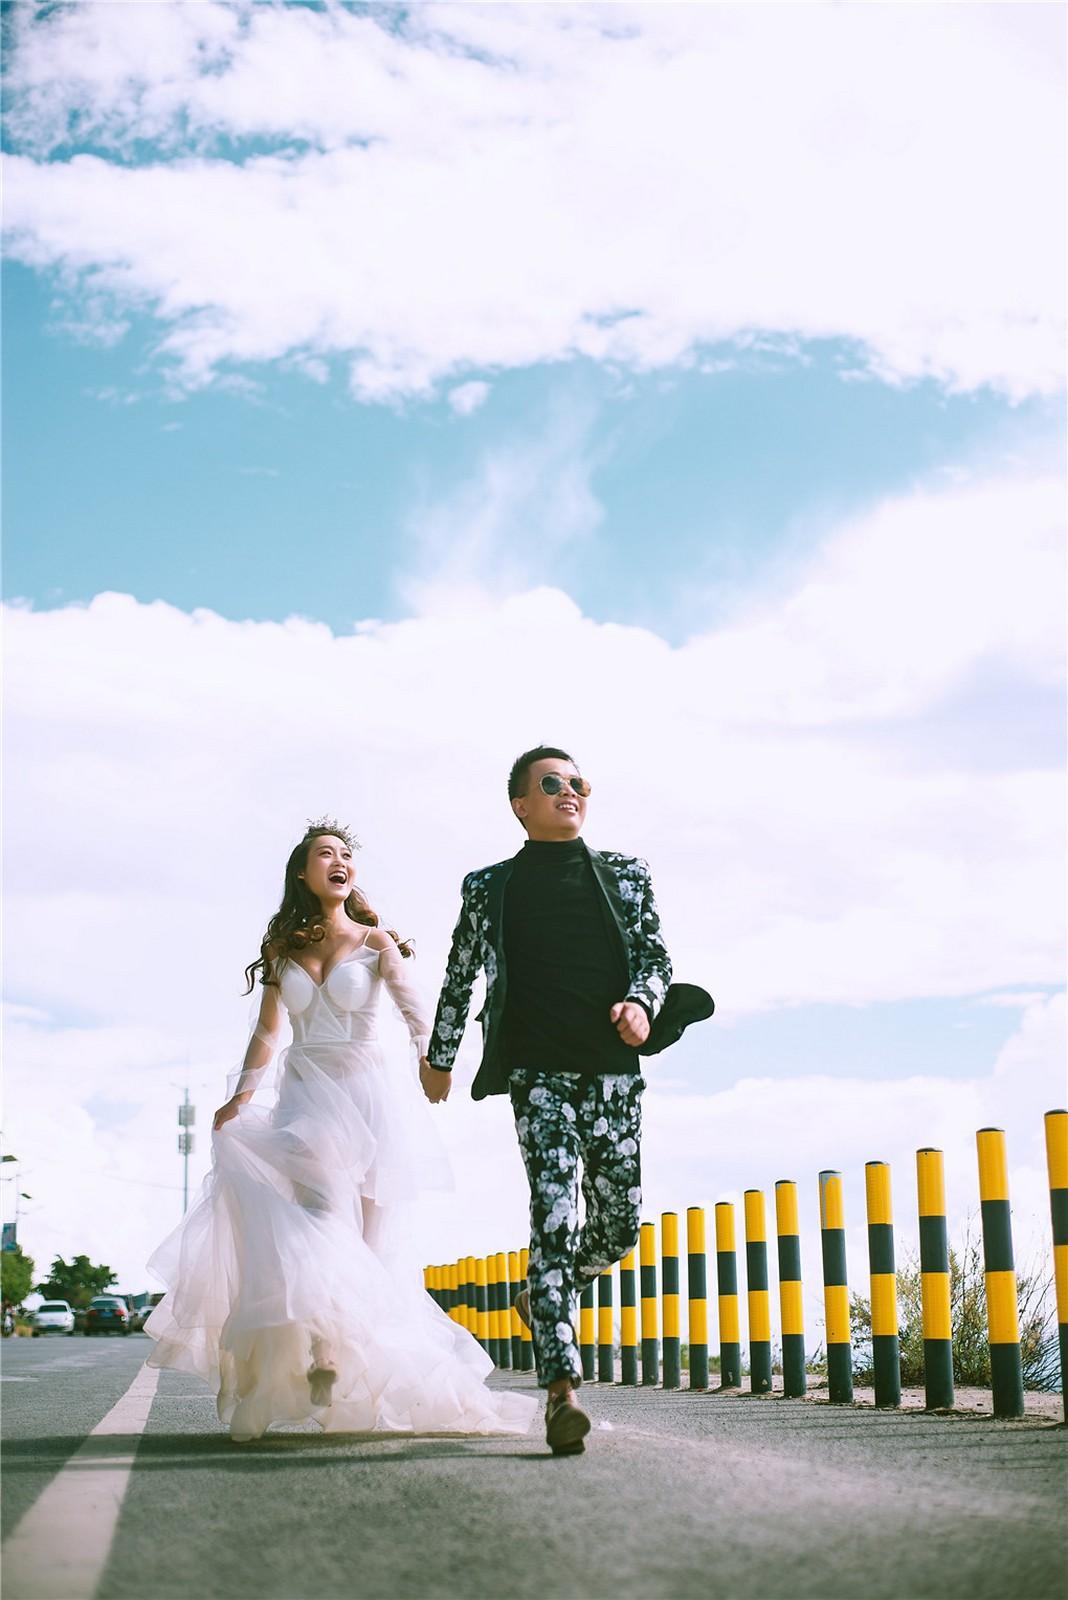 ダリ  Dali   海外の結婚式の前攝 寫真集